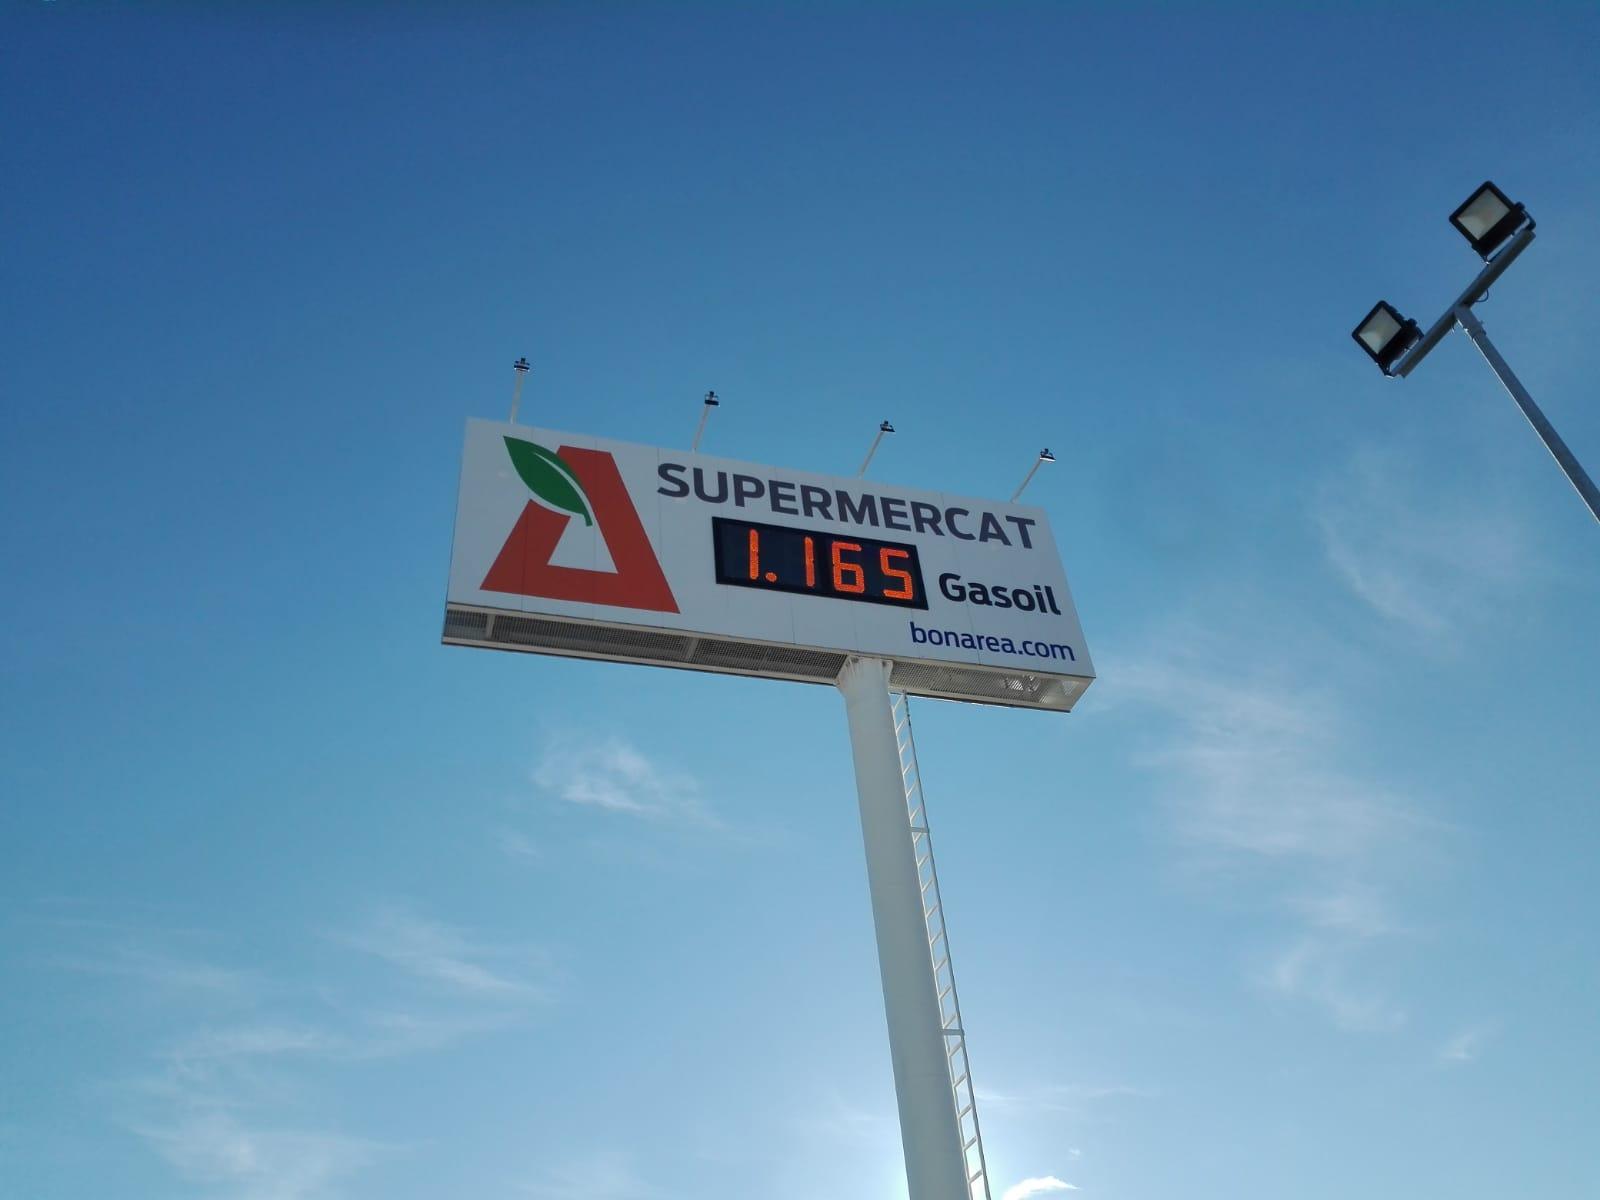 monoposte gasolinera publicitario